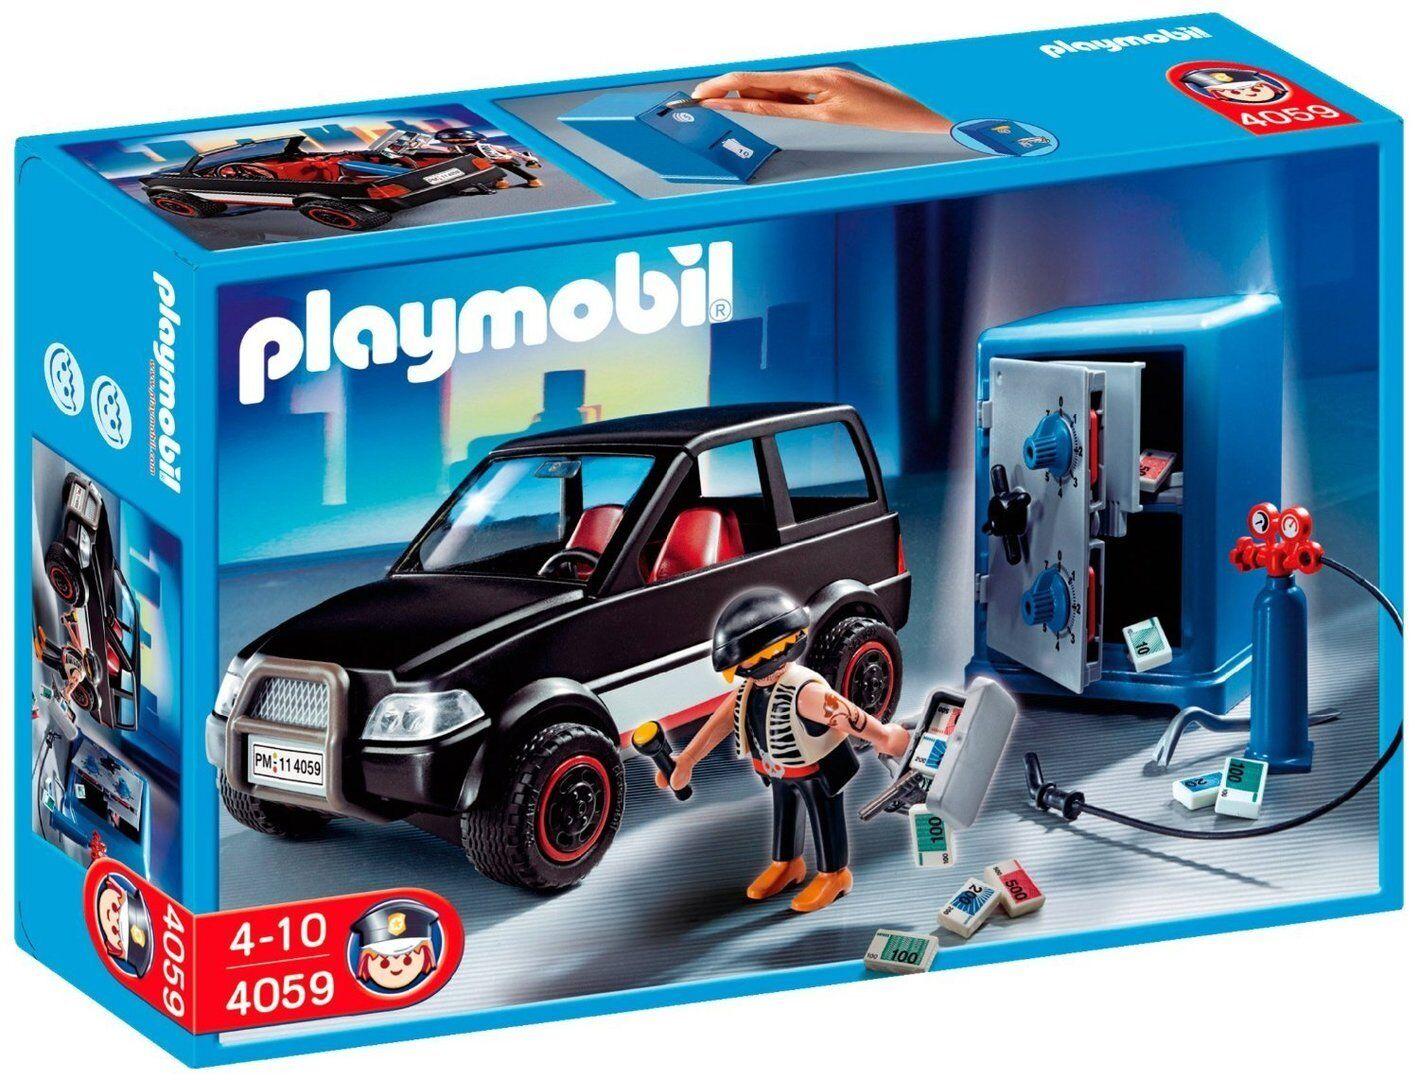 Playmobil 4059 - Ladrón con Caja Fuerte y Coche de Huida - NUEVO